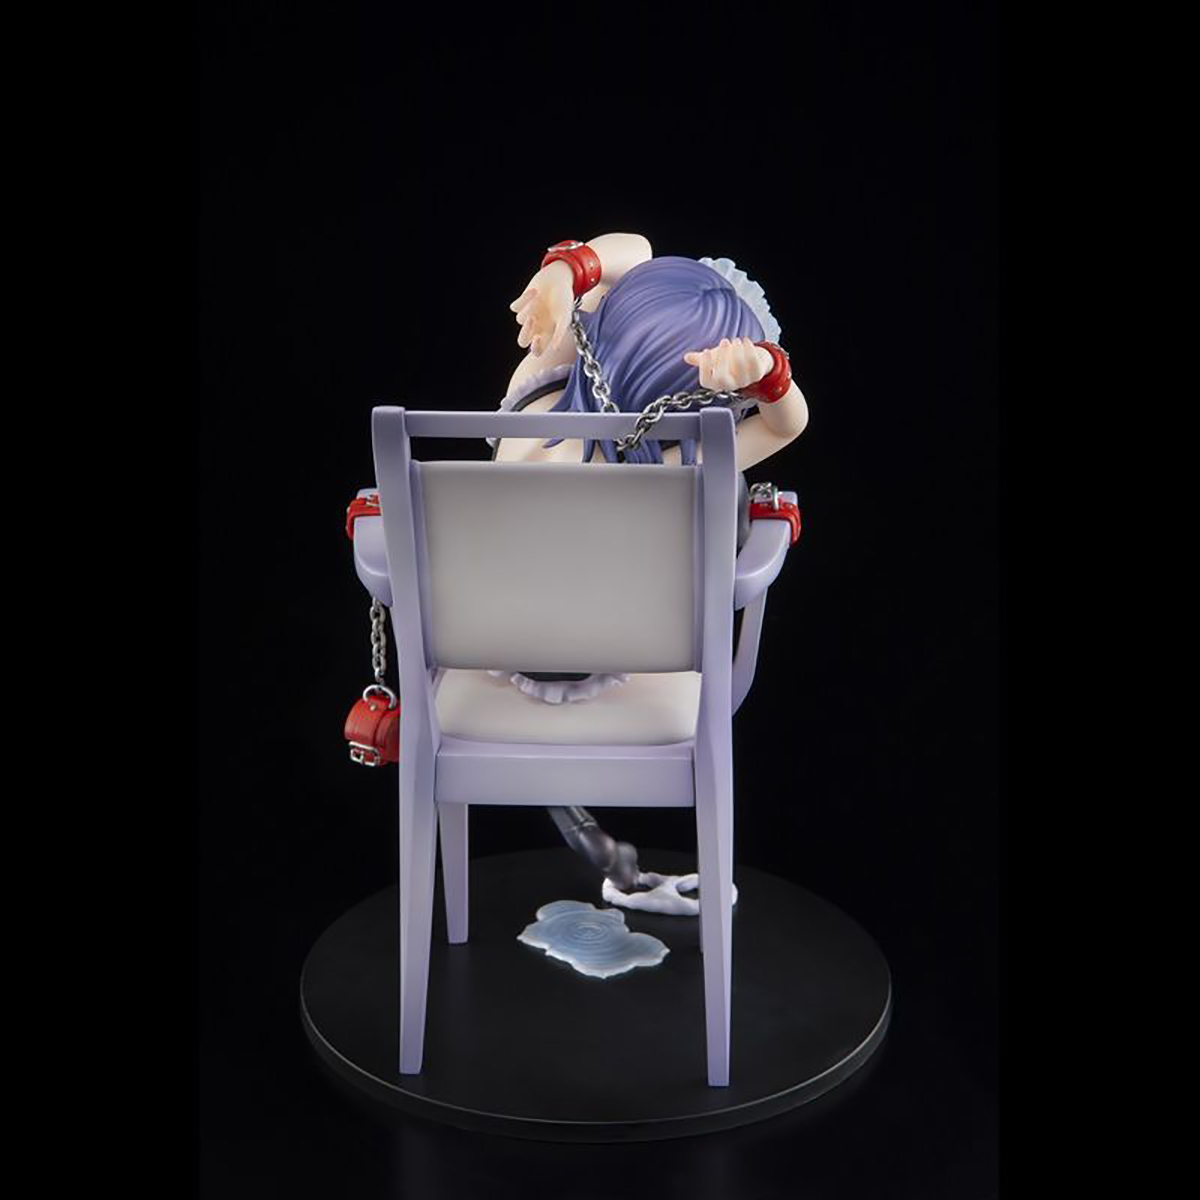 【限定販売】楓と鈴『星月 楓』1/6 完成品フィギュア-011